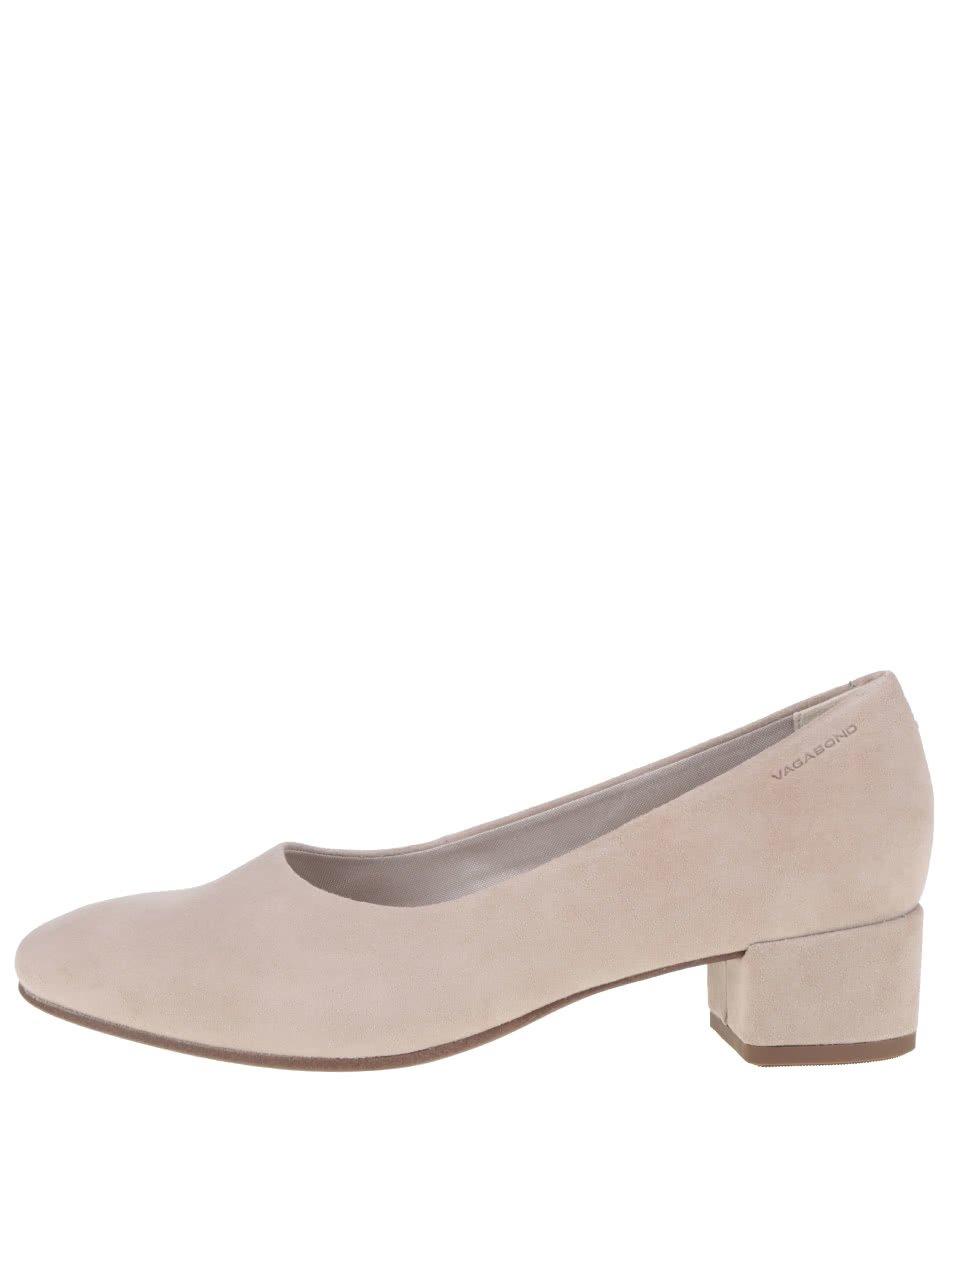 Béžové dámské boty na podpatku Vagabond Jamilla